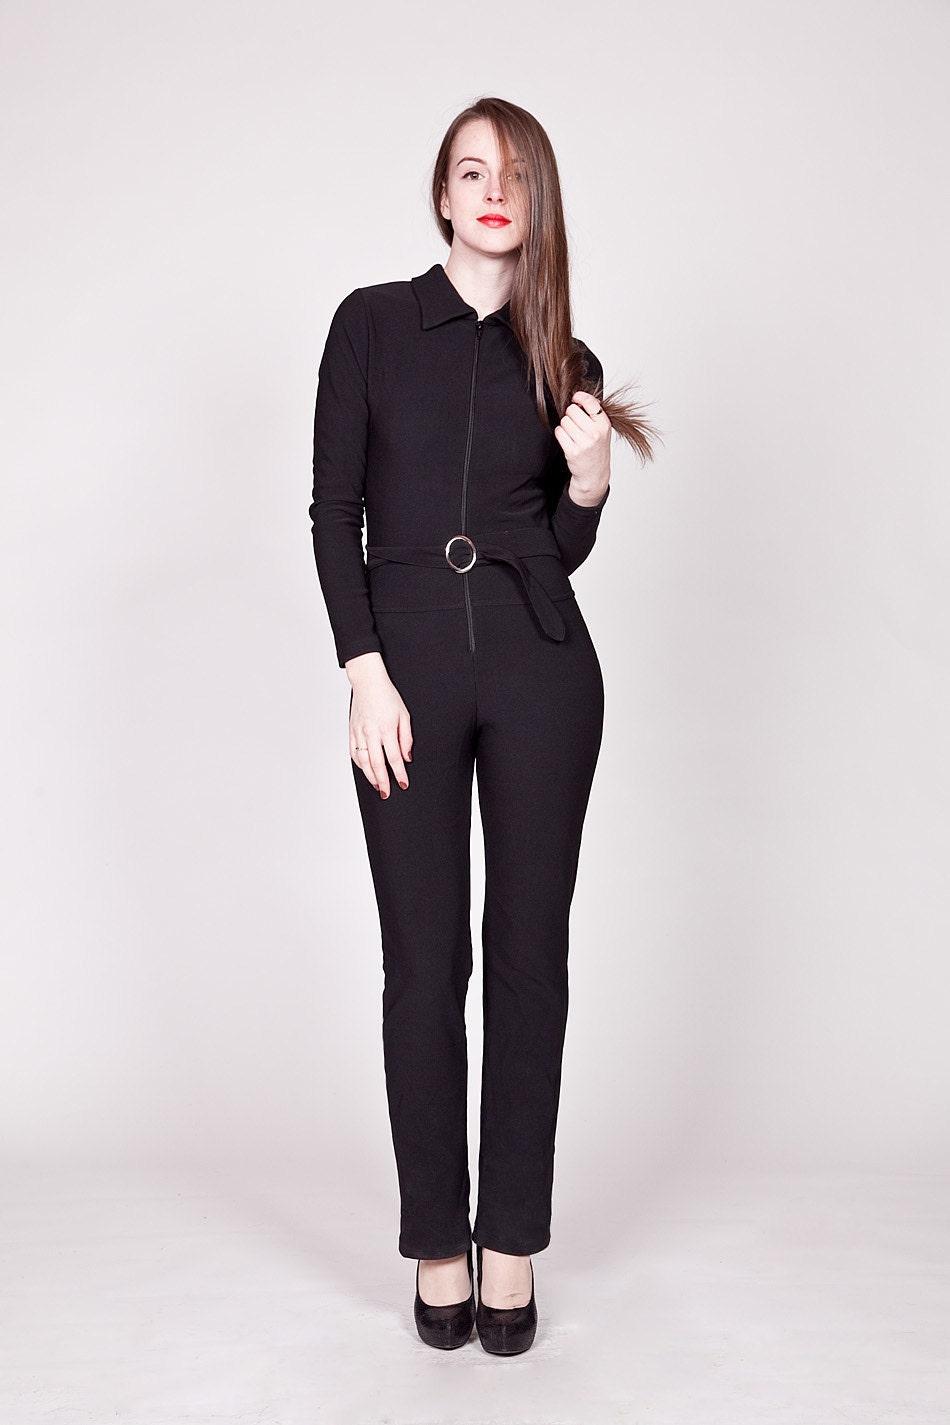 vintage 1980s jumpsuit black one piece belted by. Black Bedroom Furniture Sets. Home Design Ideas